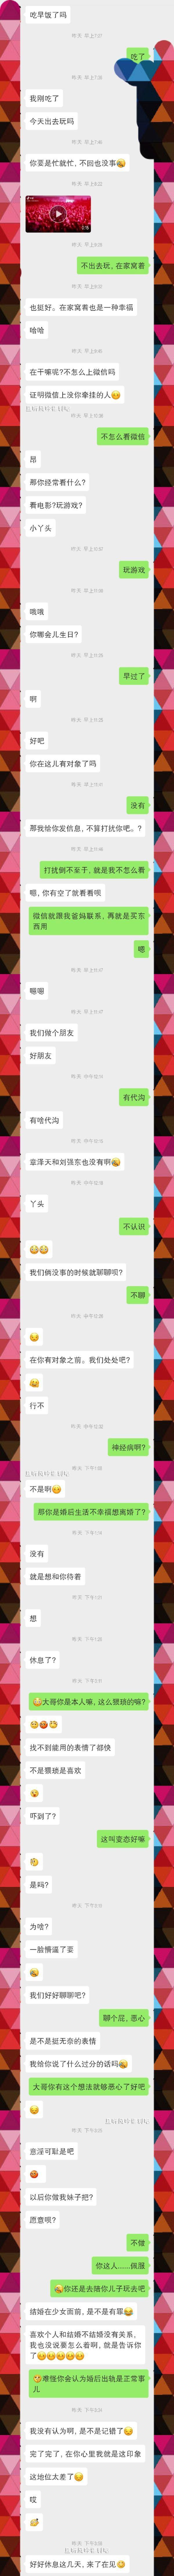 粉丝投稿:遇到变态上司微信上面骚扰她